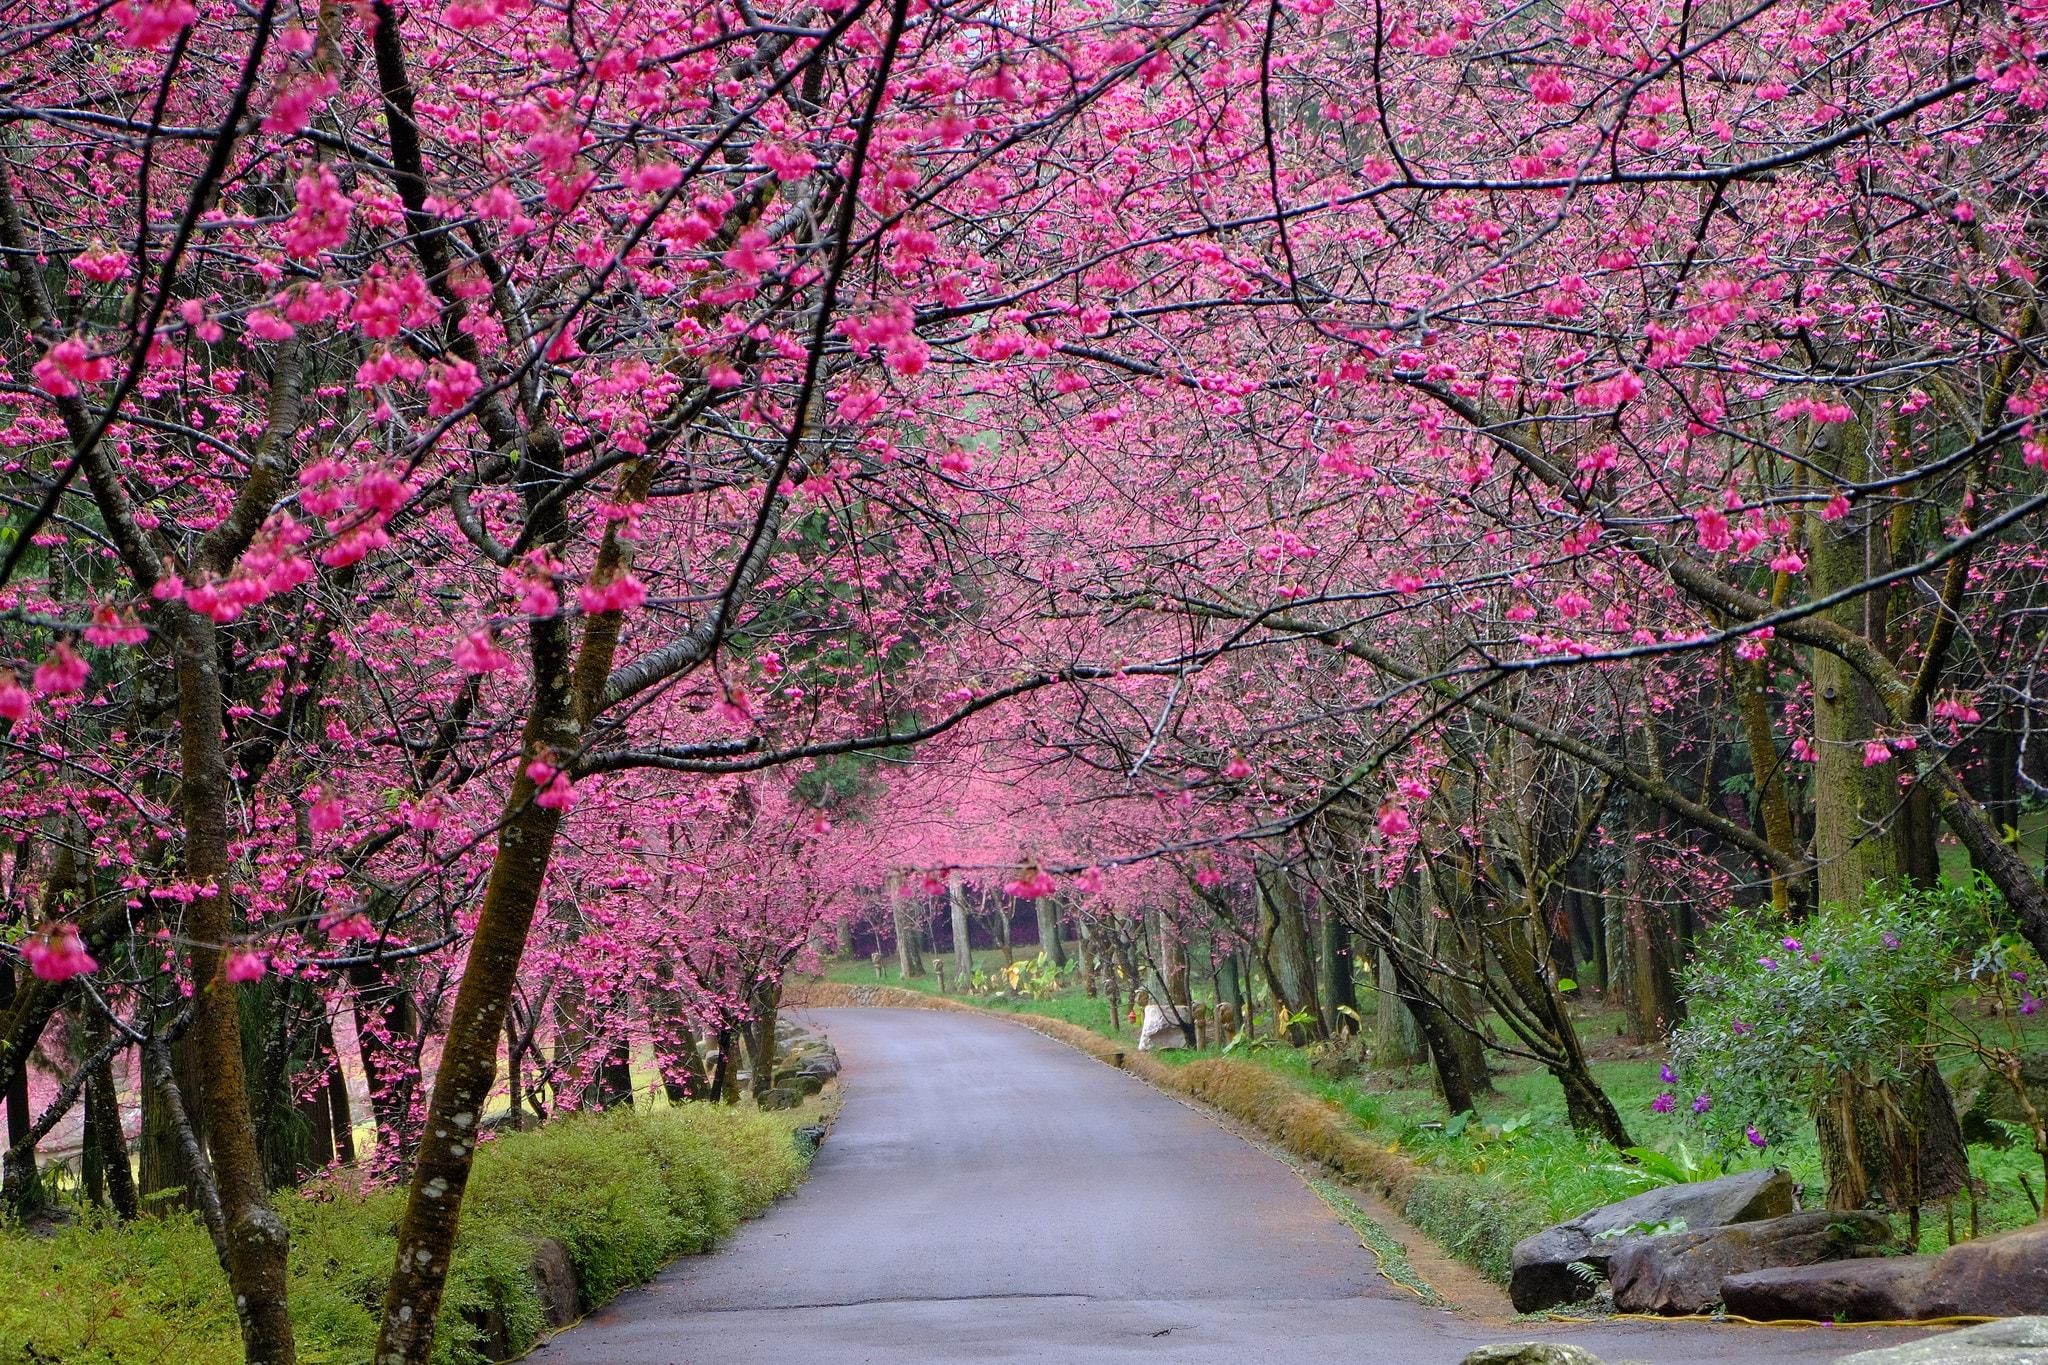 Mùa xuân ở Đài Loan có hoa anh đảo nở rộ.